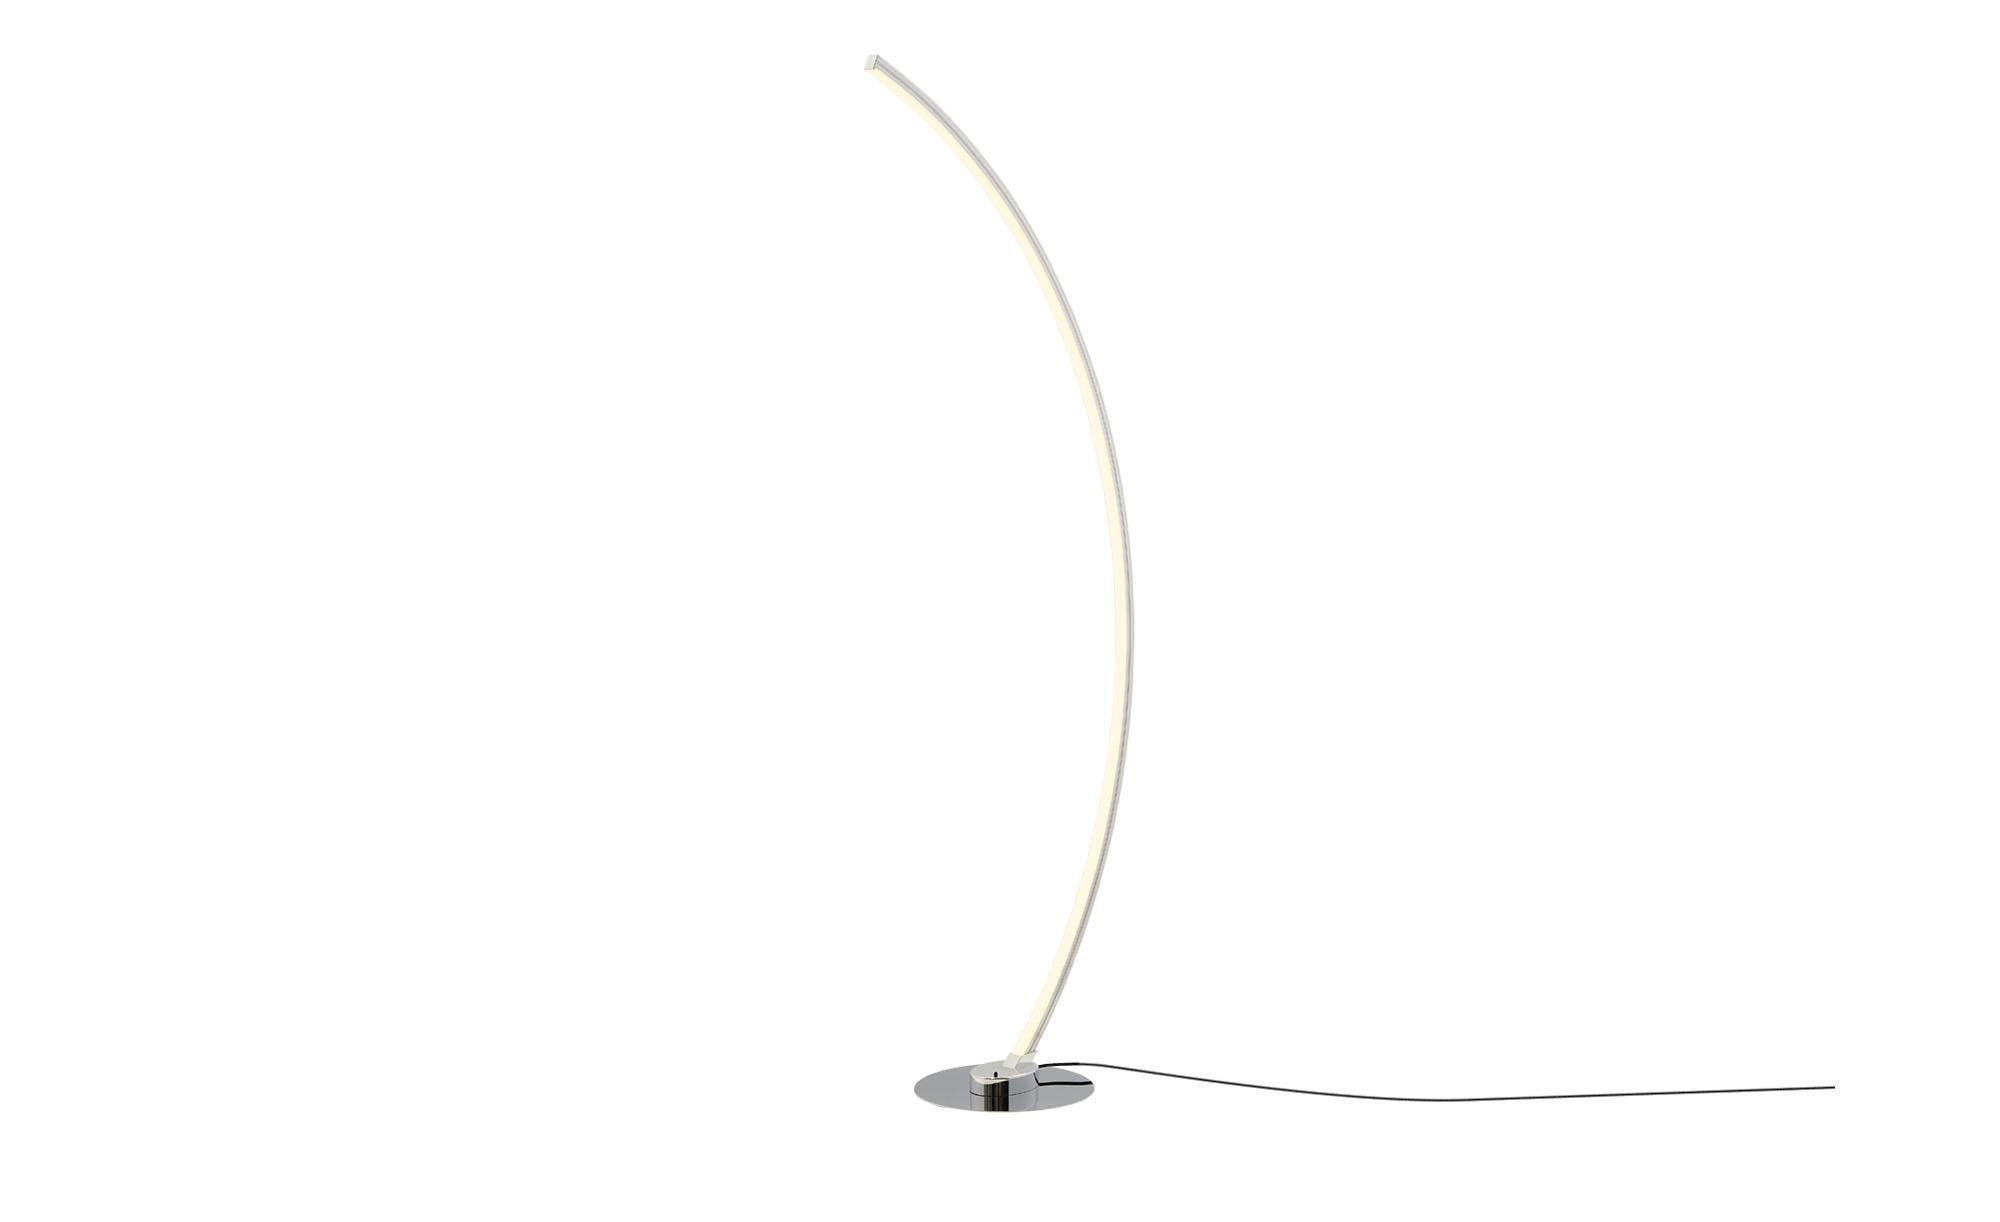 KHG LED-Stehleuchte, mit Farbwechsler ¦ silber ¦ Maße (cm): B: 25 H: 142 Lampen & Leuchten > Innenleuchten > Stehlampen - Höffner